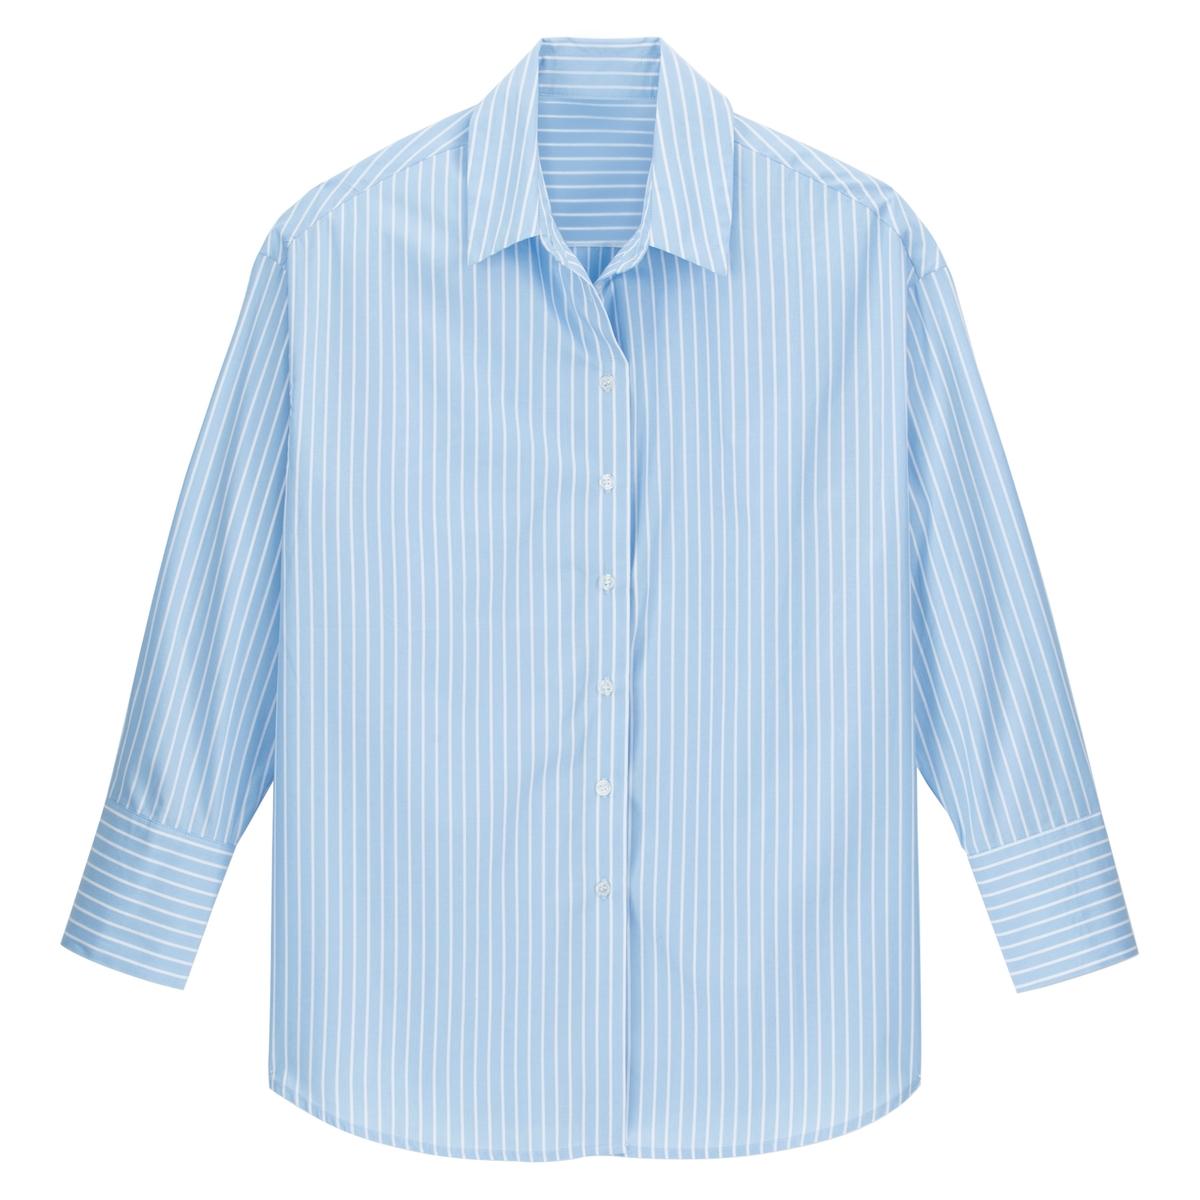 Camisa a rayas 100% algodón, de manga larga